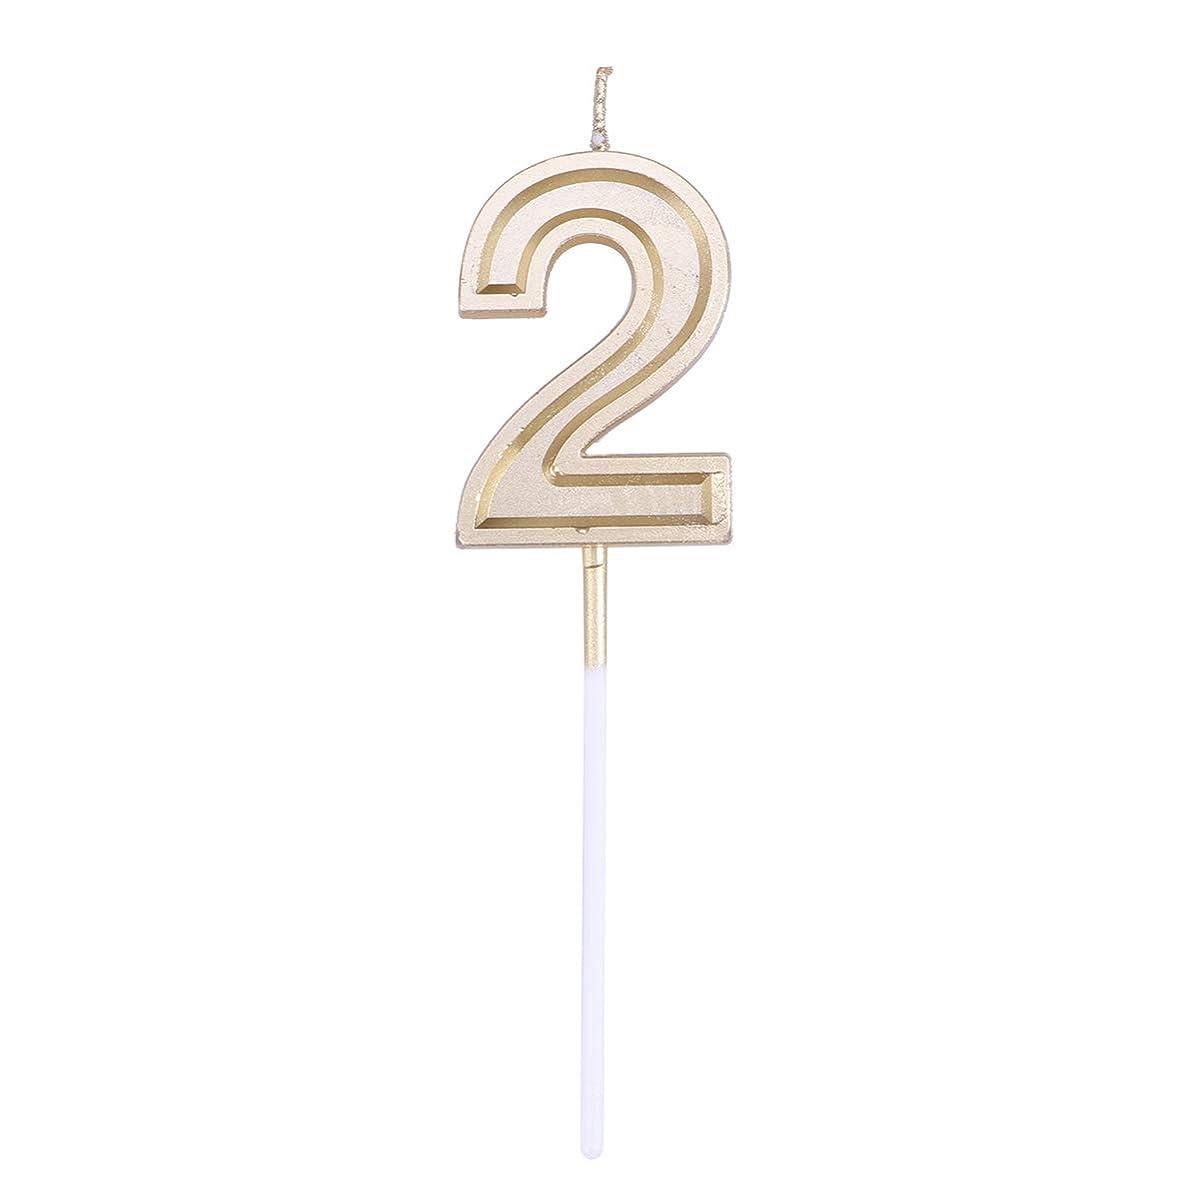 毛細血管解放する大気Toyvian ゴールドラメ誕生日おめでとう数字キャンドル番号キャンドルケーキトッパー装飾用大人キッズパーティー(ナンバー2)